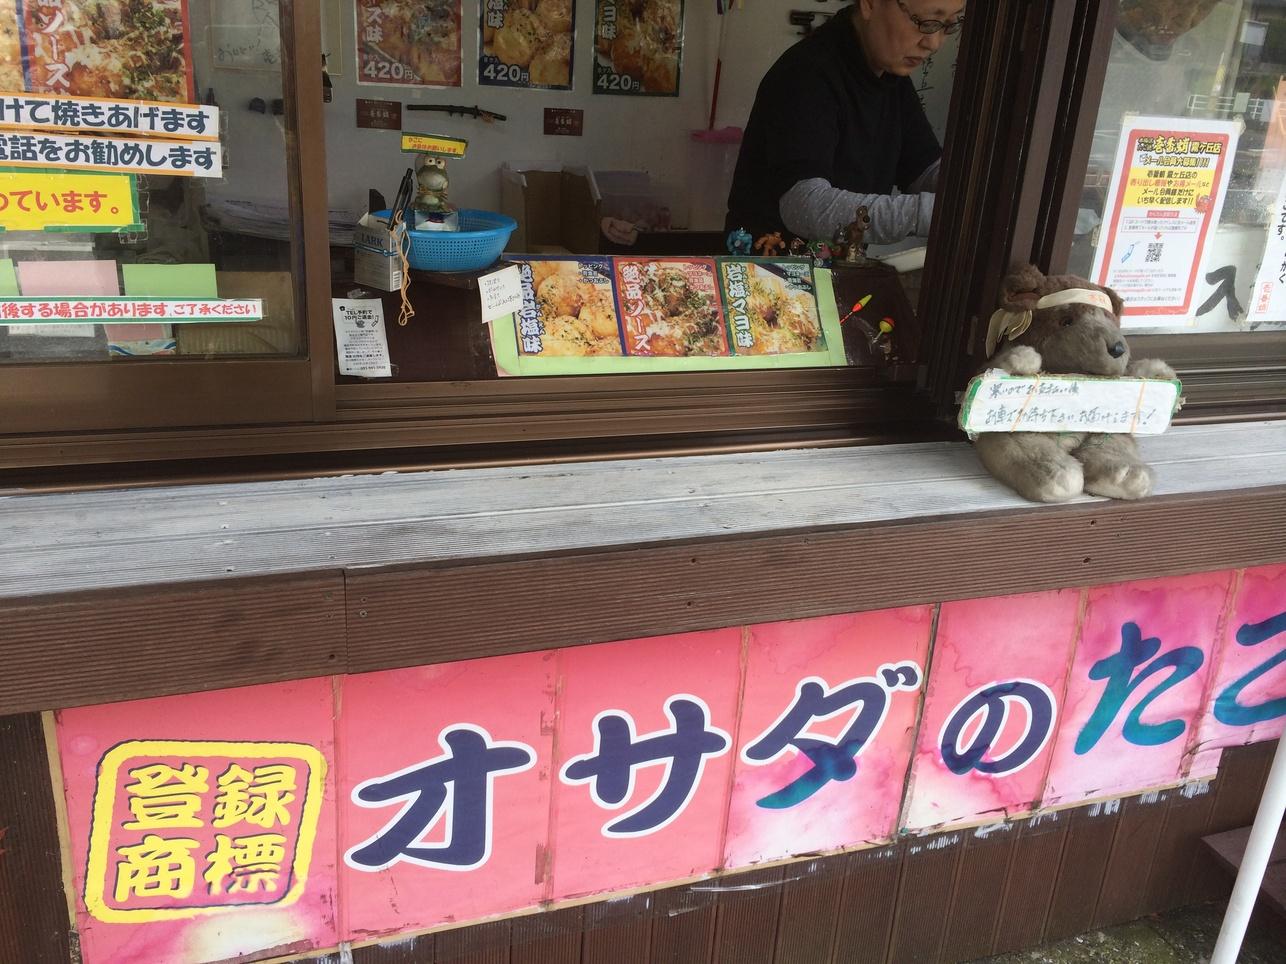 壱番蛸 霧ヶ丘店